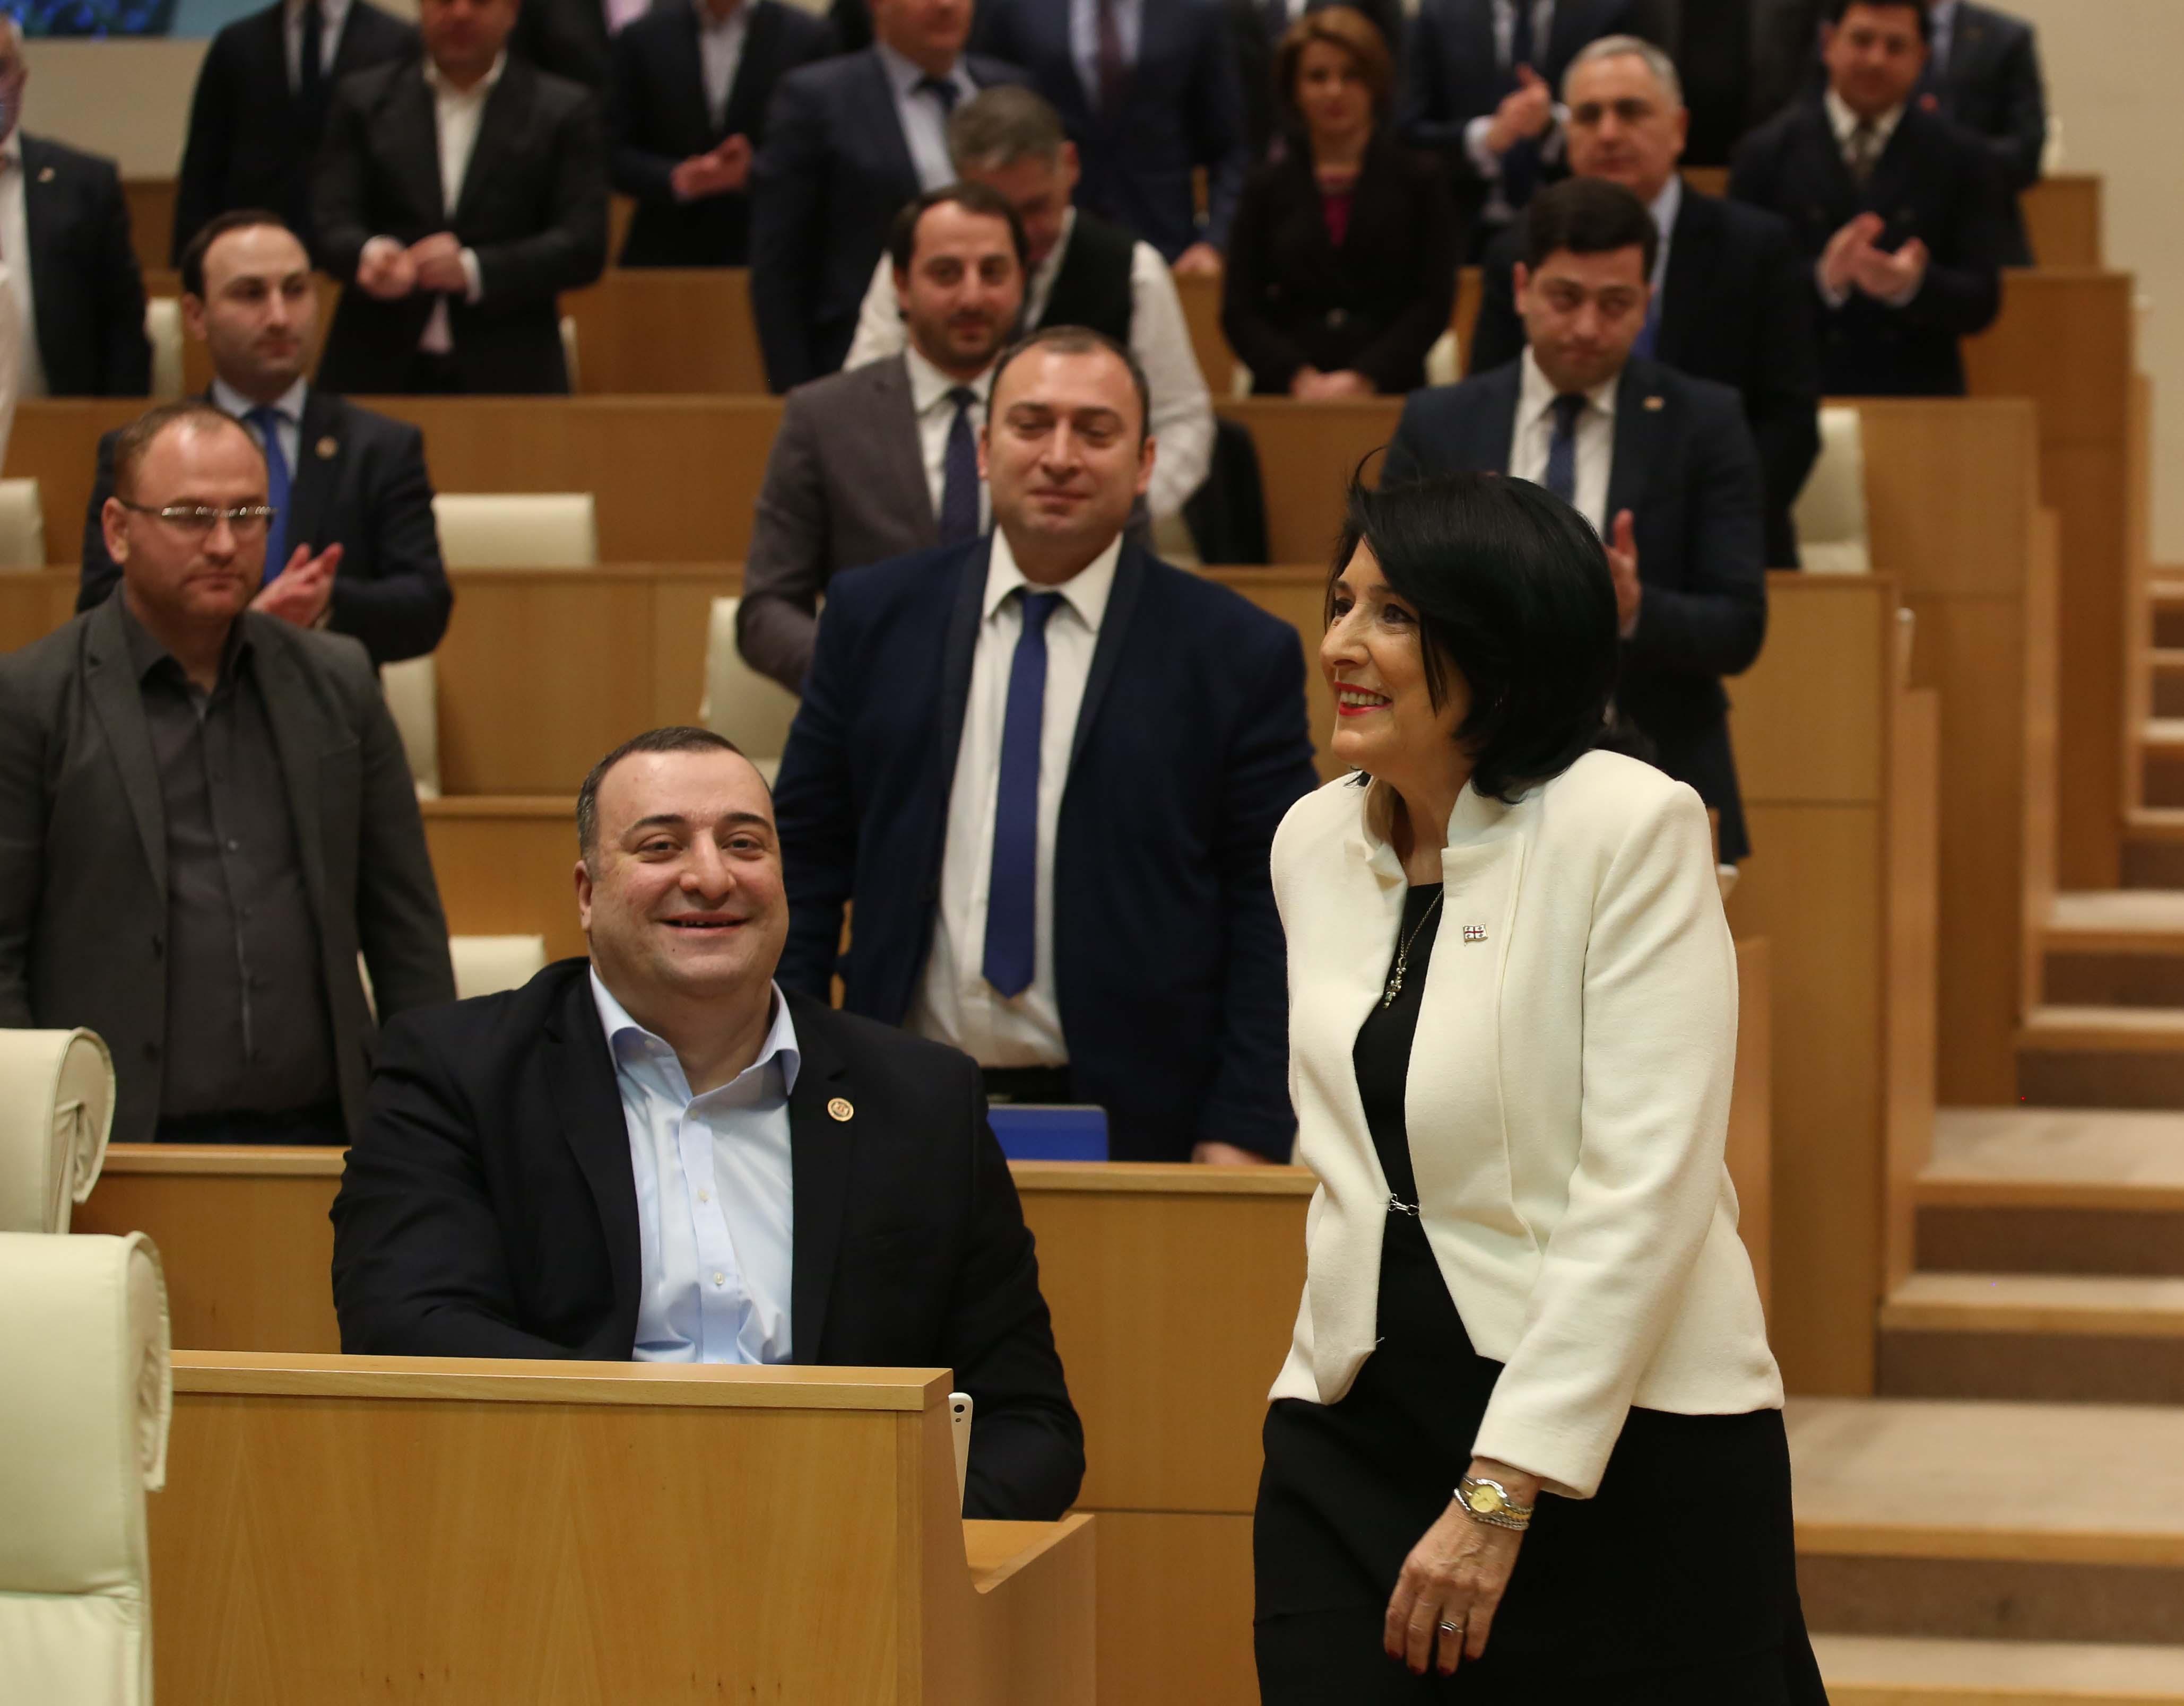 Zourabishili_Parliament_3